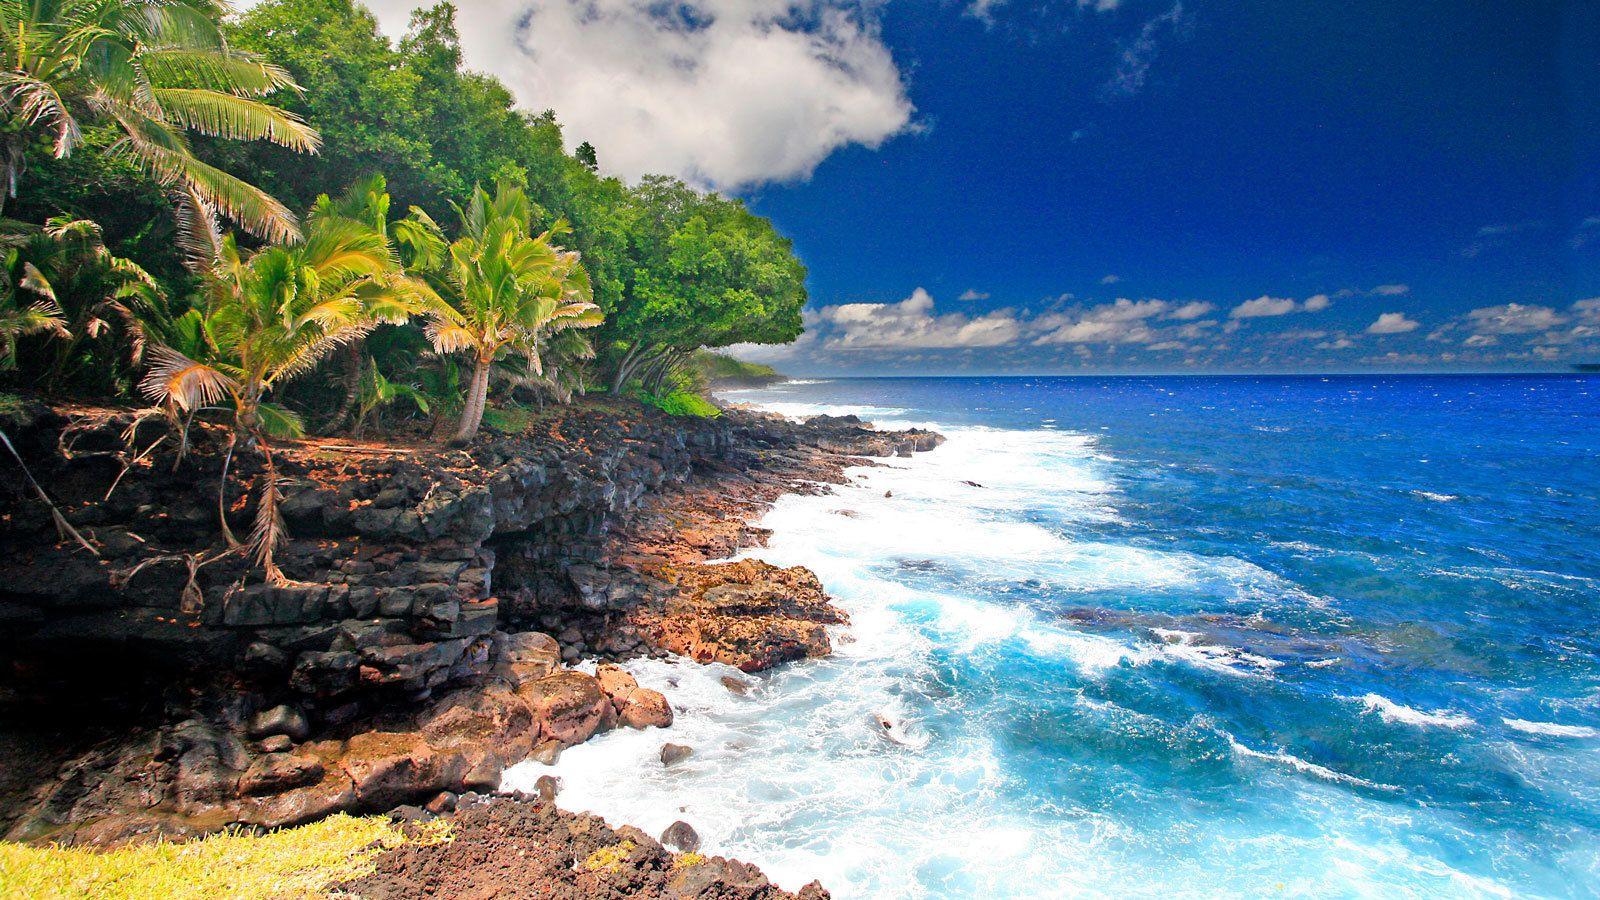 Private Tour of Tropical Coastal Puna with Hot Pond Swim